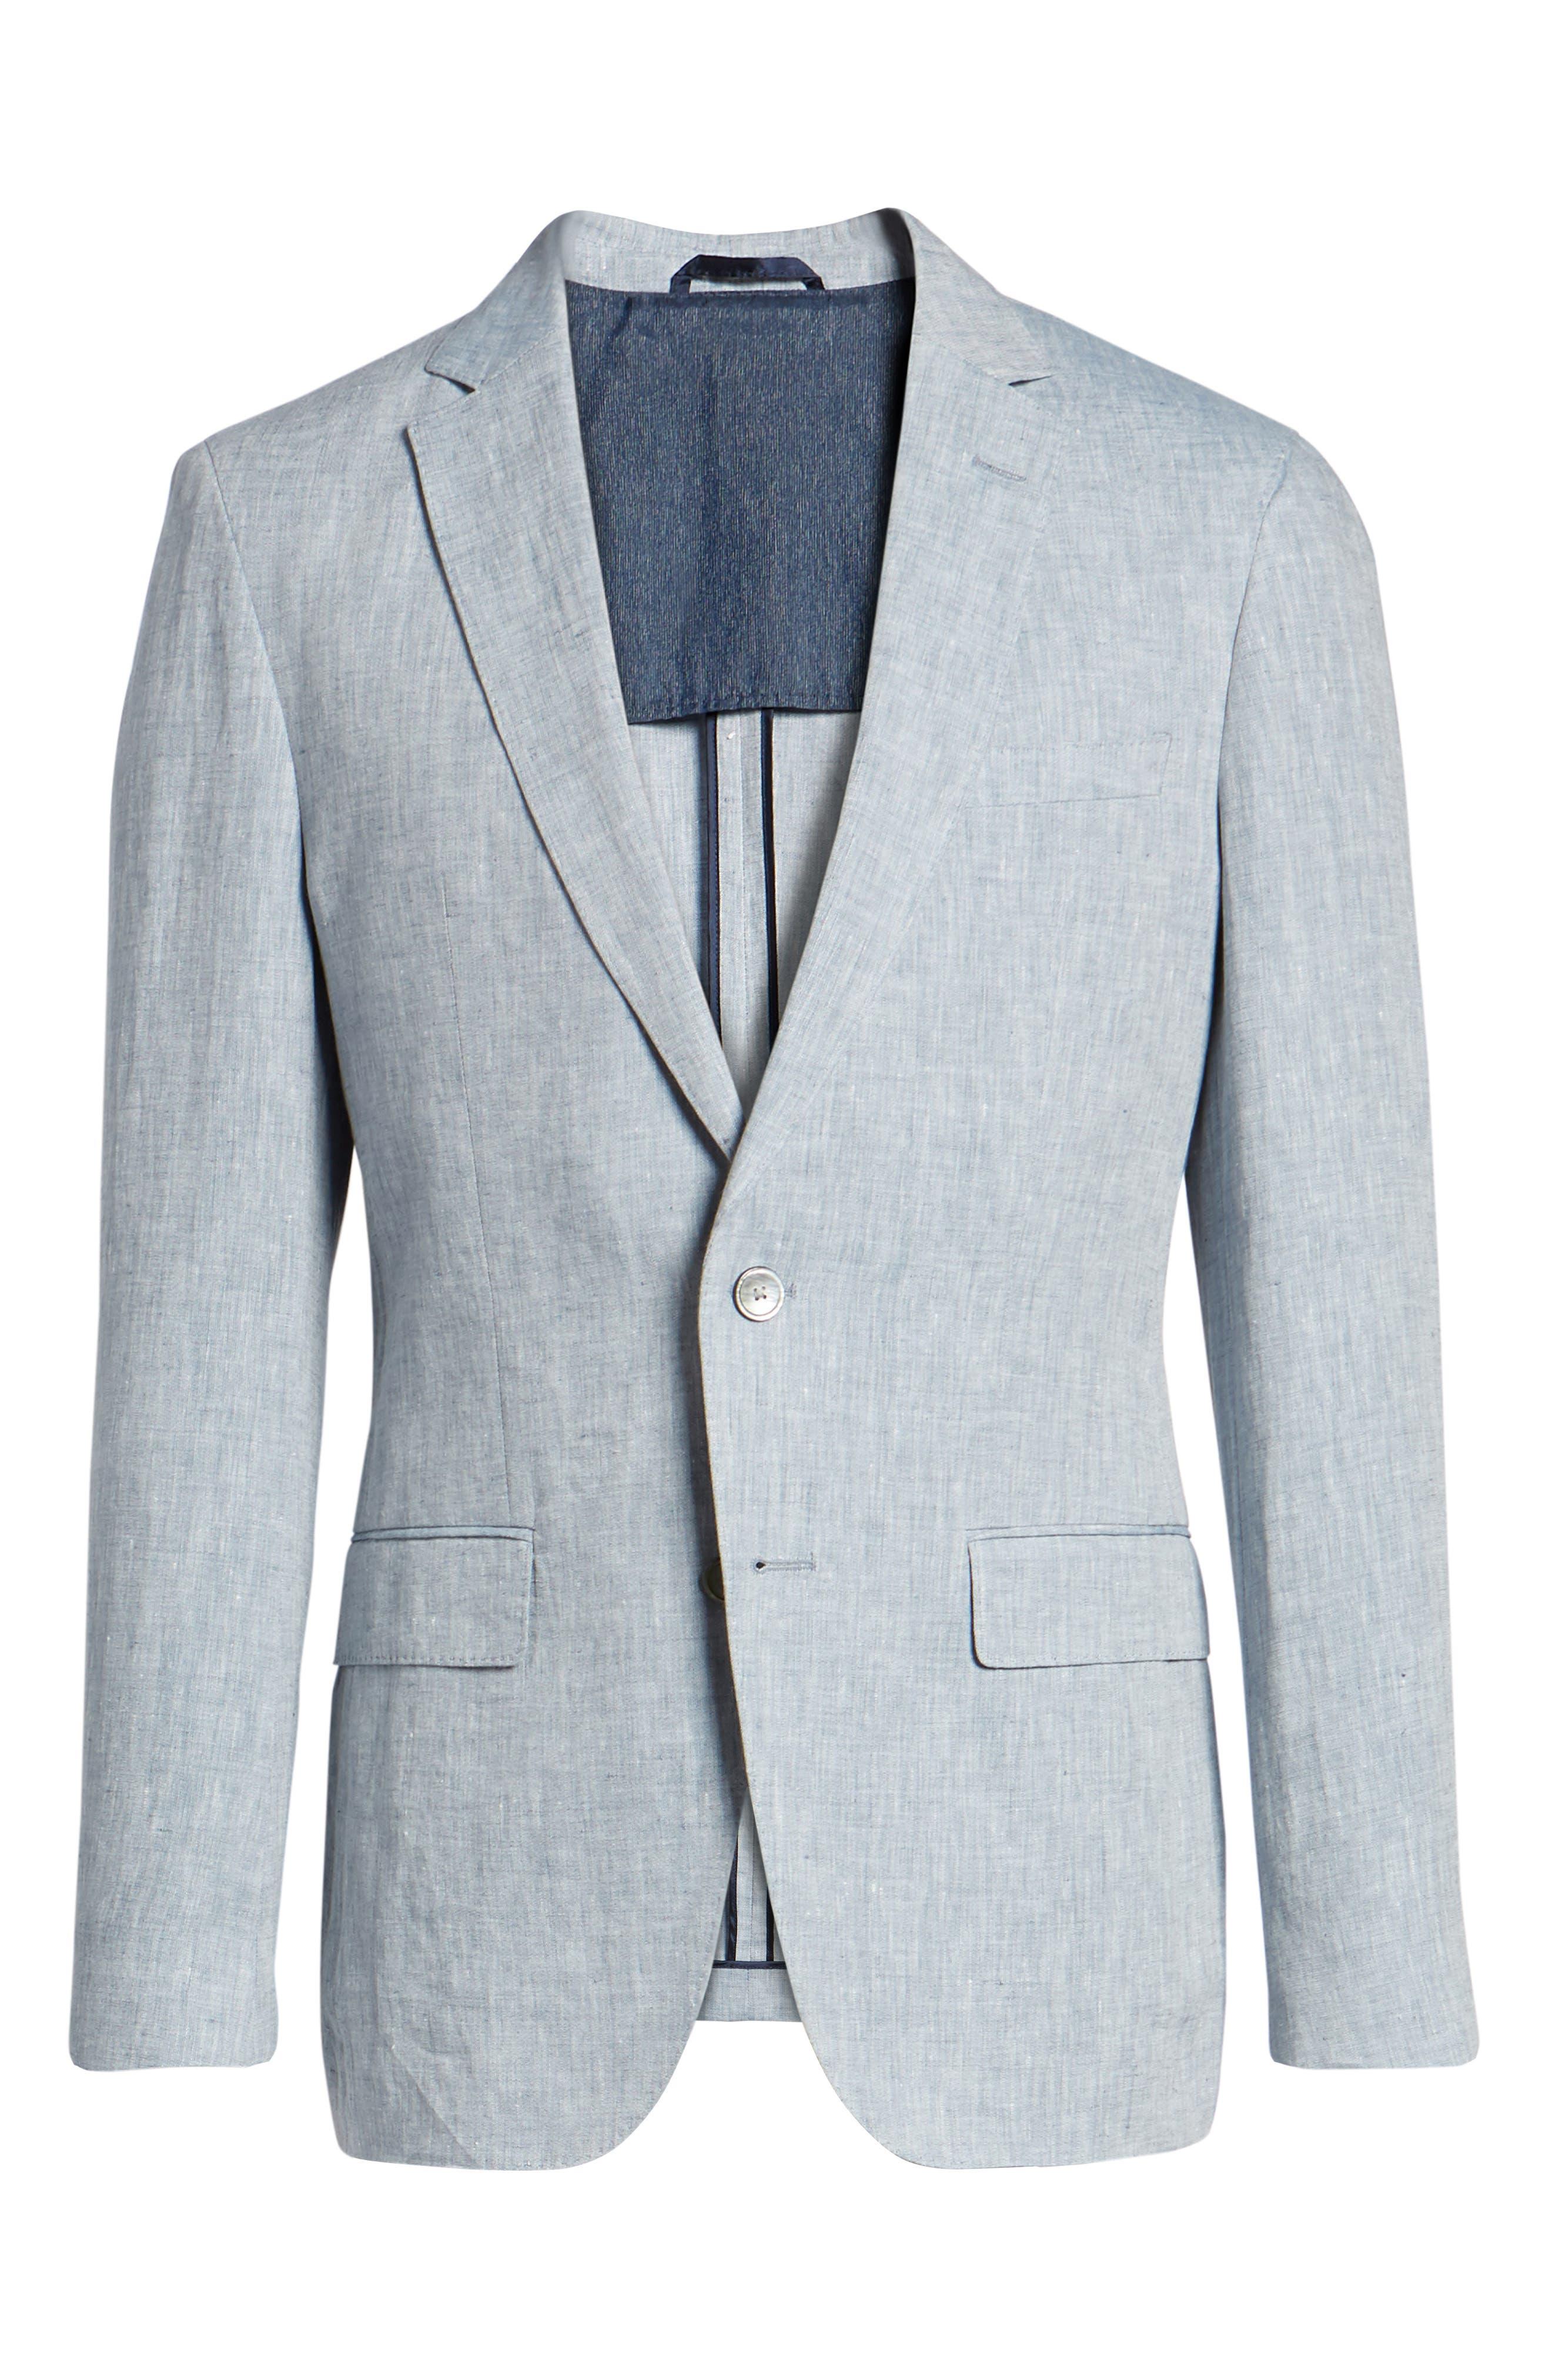 Helford/Gander Trim Fit Solid Linen Suit,                             Alternate thumbnail 9, color,                             Light Blue